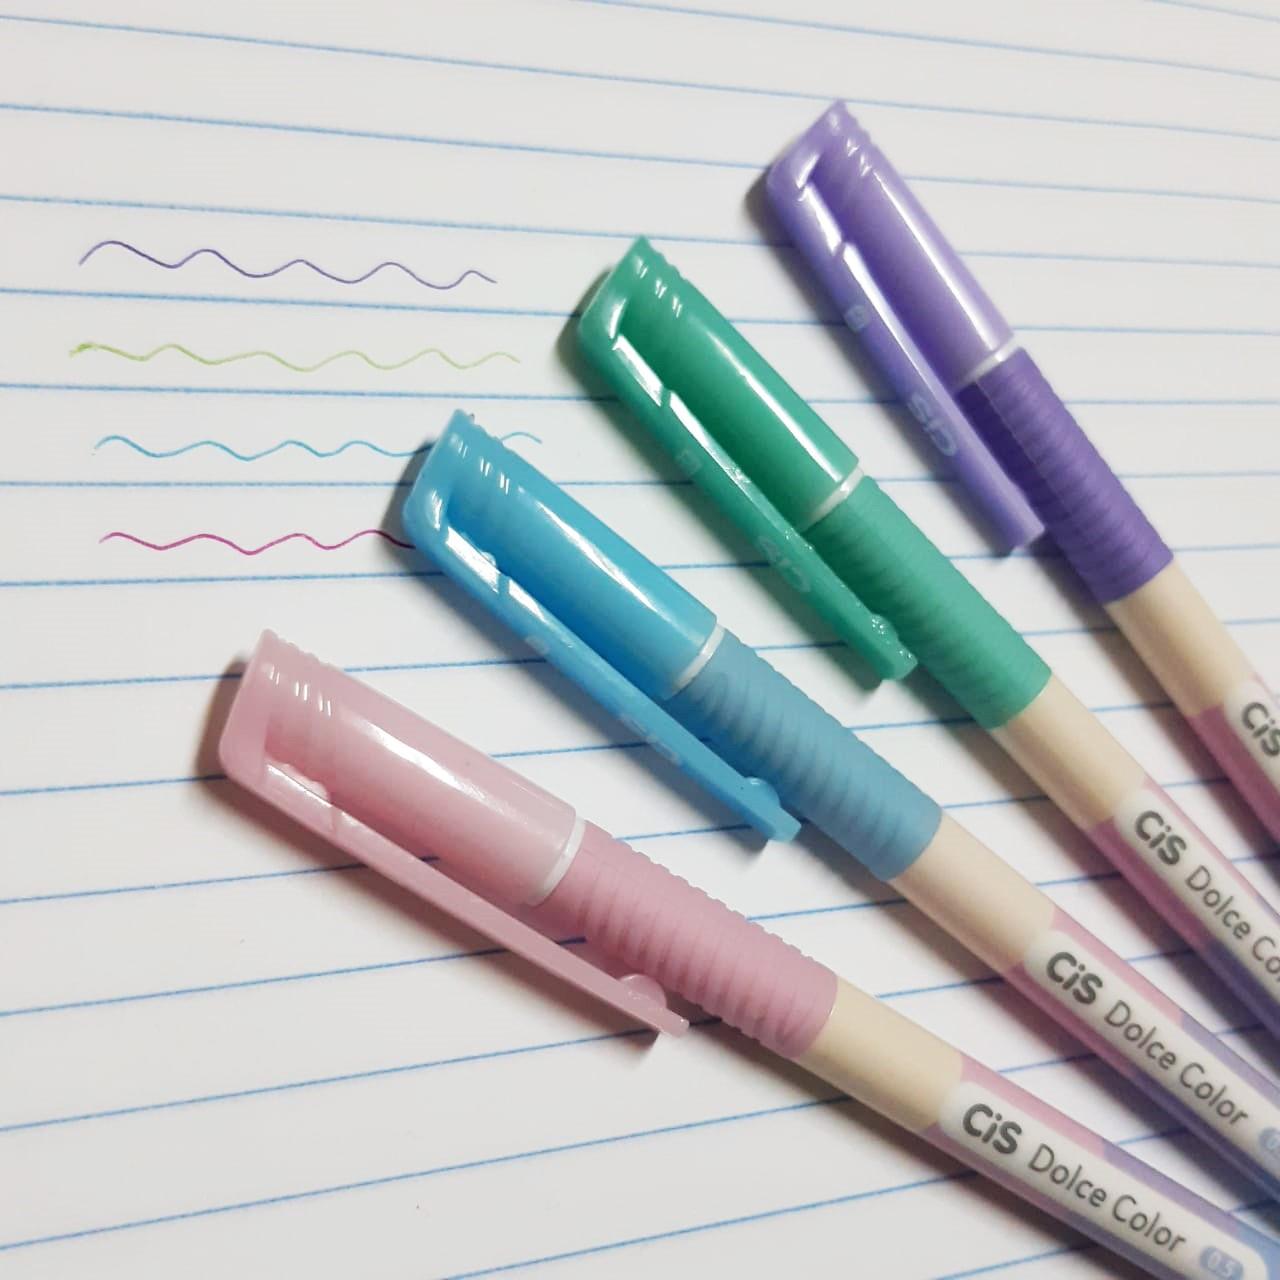 Caneta Esferográfica Dulce Color 0,5mm - Ponta Fina - Cis